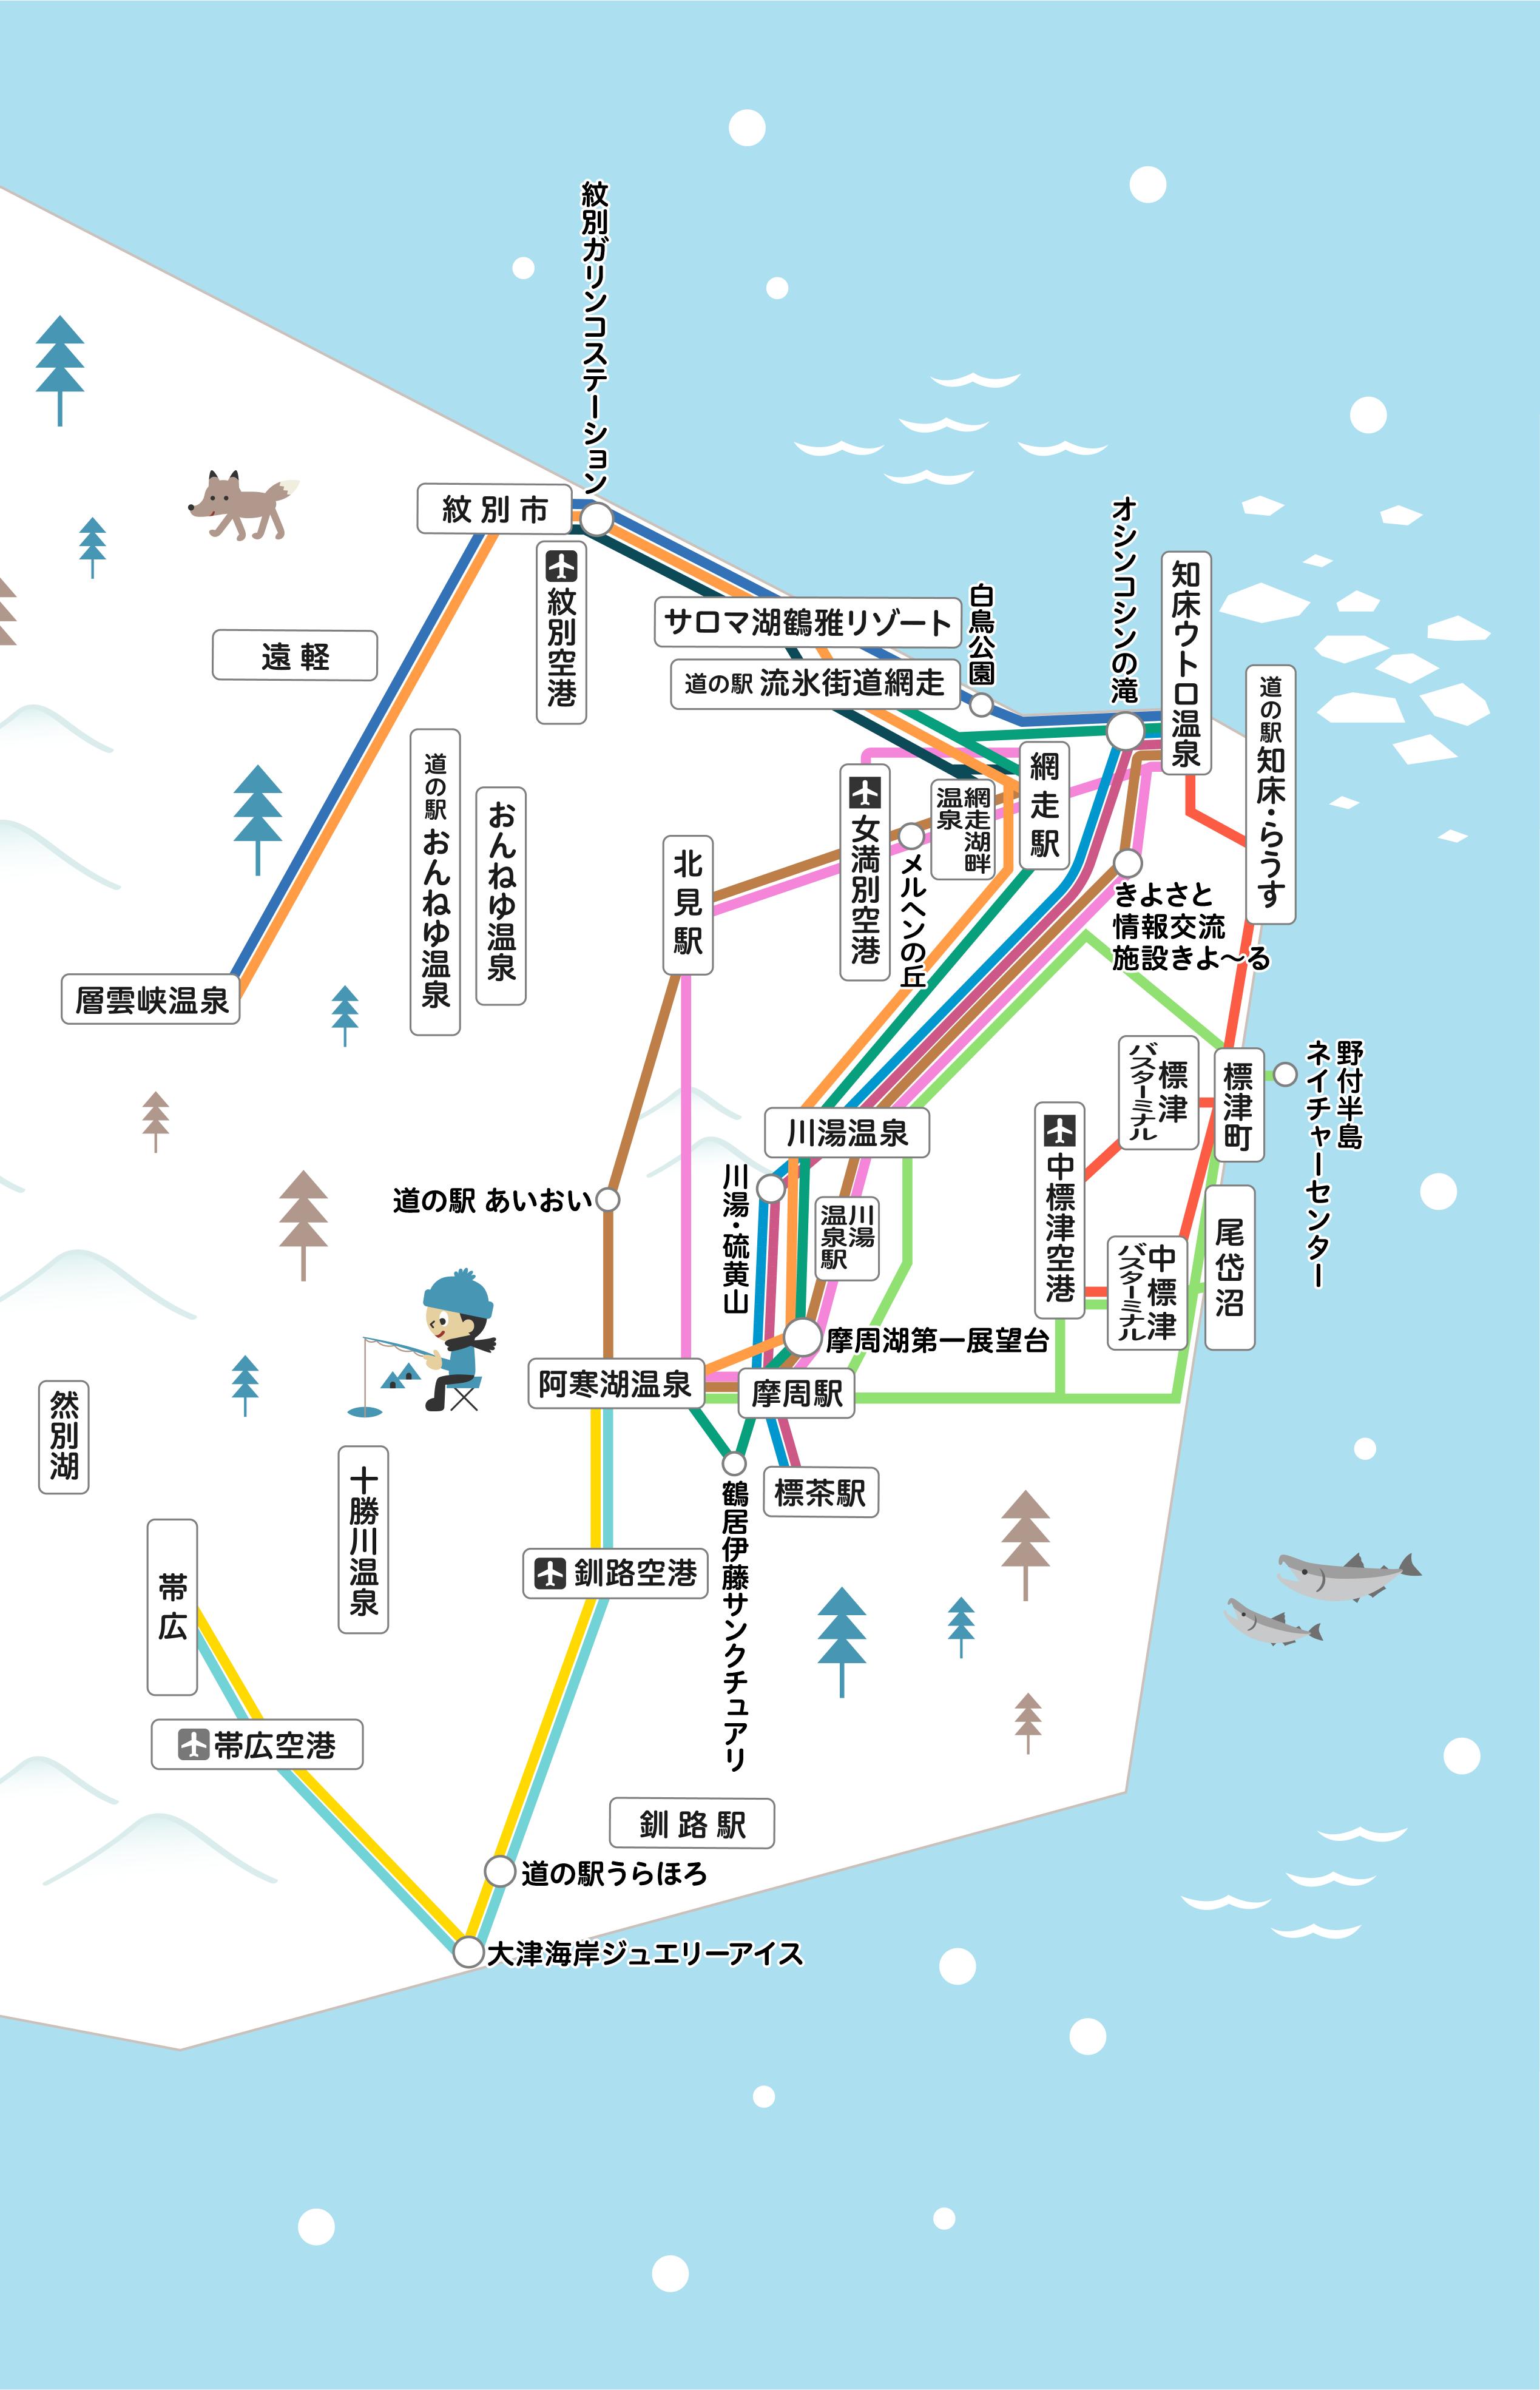 乗り放題パスA 路線図